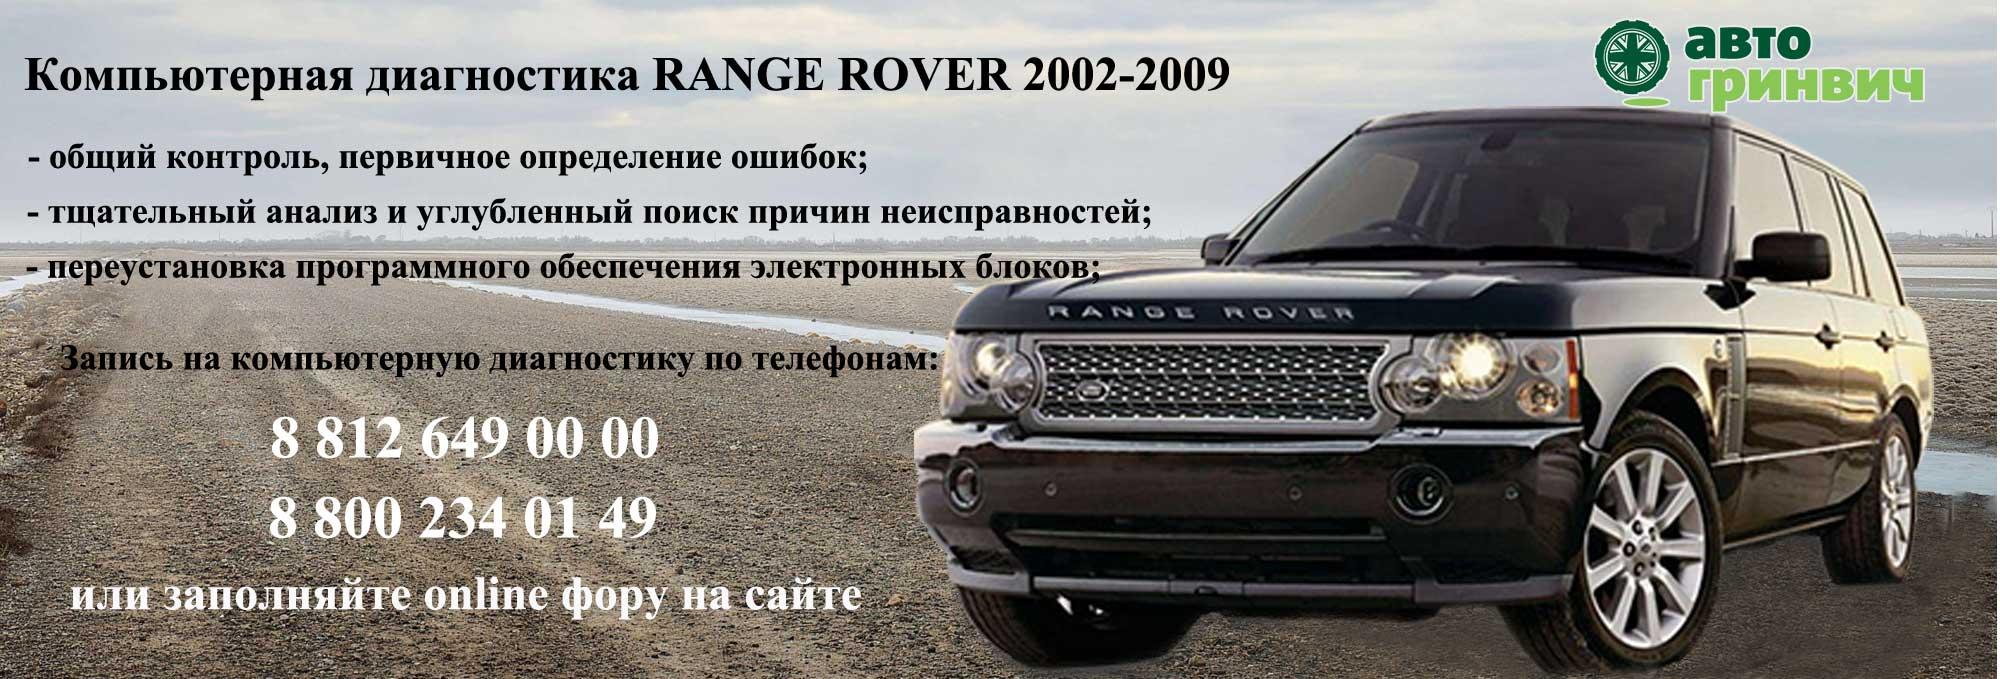 Диагностика RANGE ROVER 2002-2009